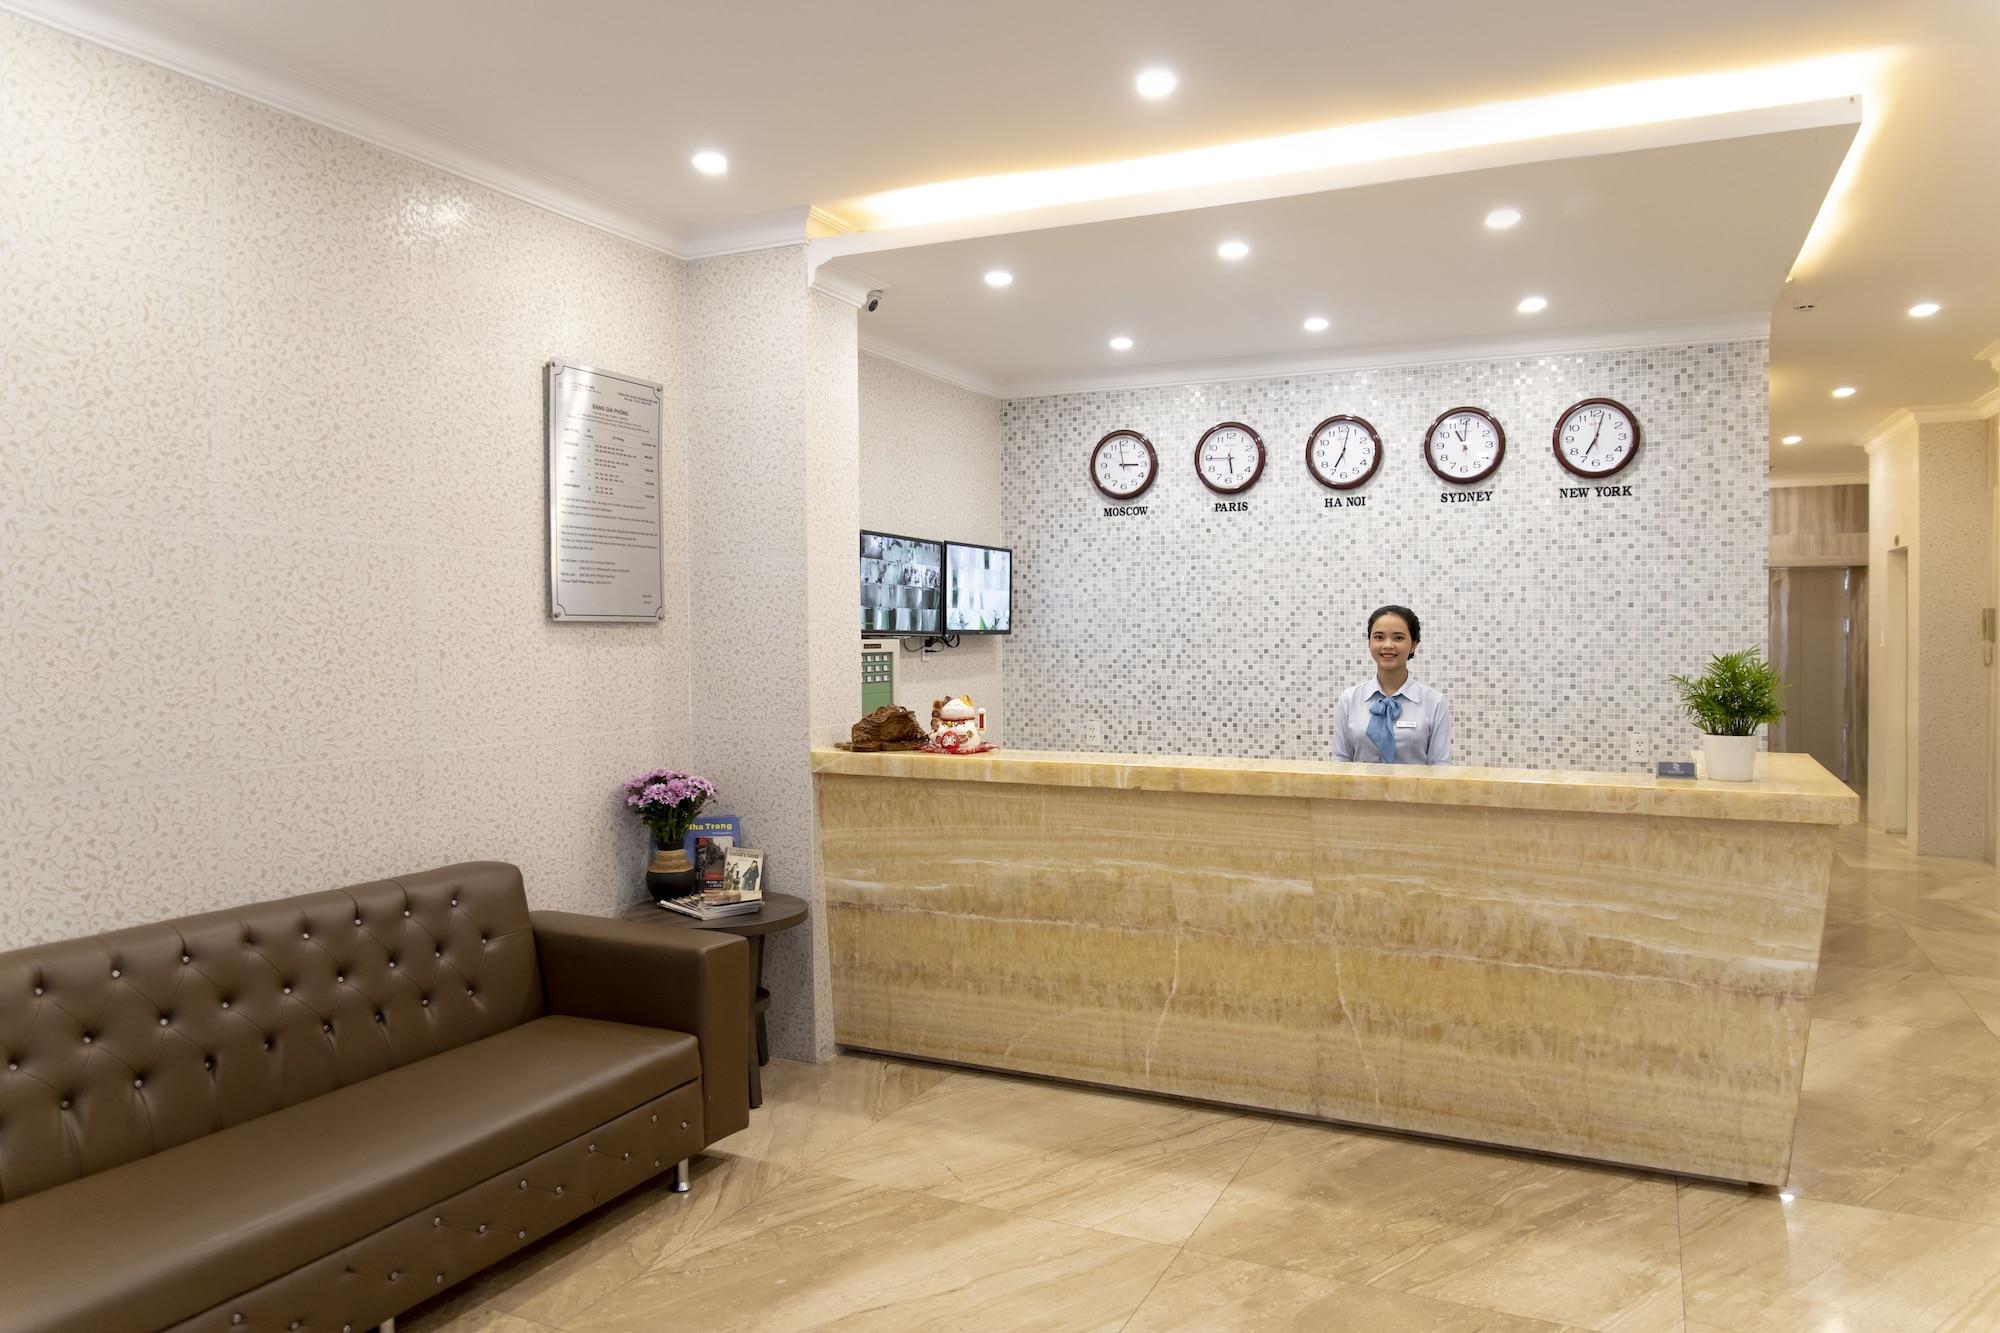 Seven Seas Hotel and Apartment, Nha Trang